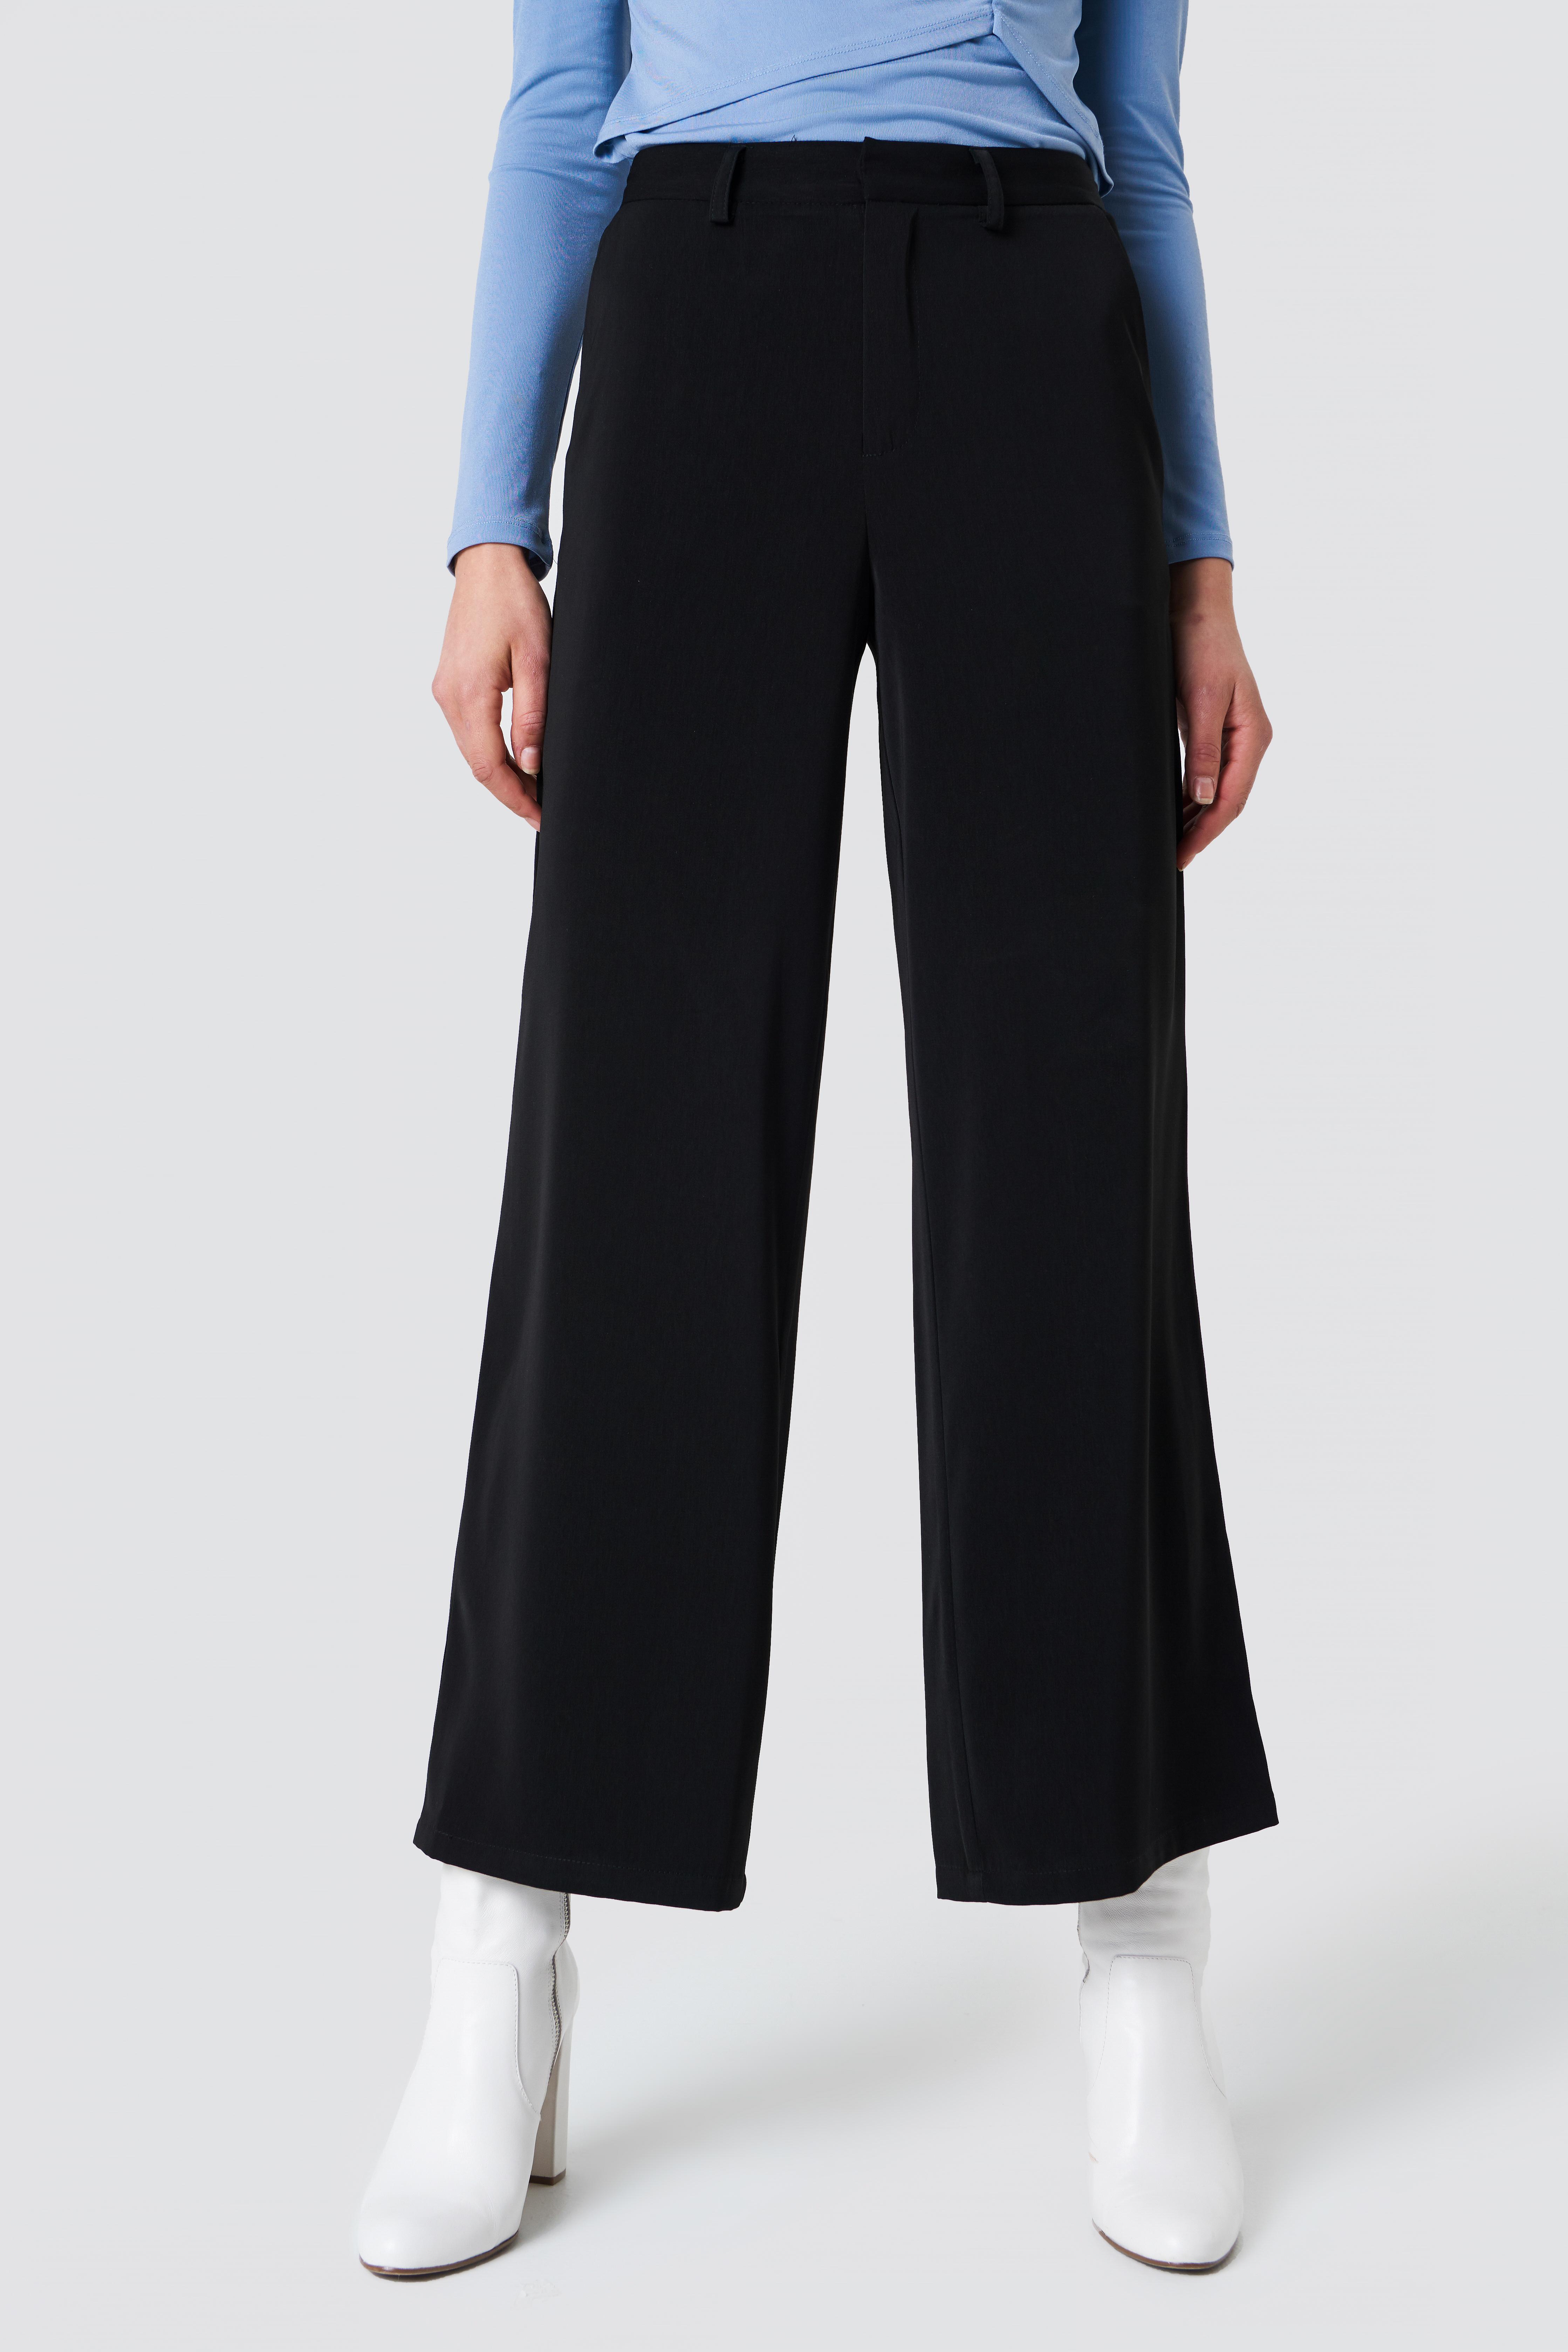 Flared Shiny Suit Pants NA-KD.COM